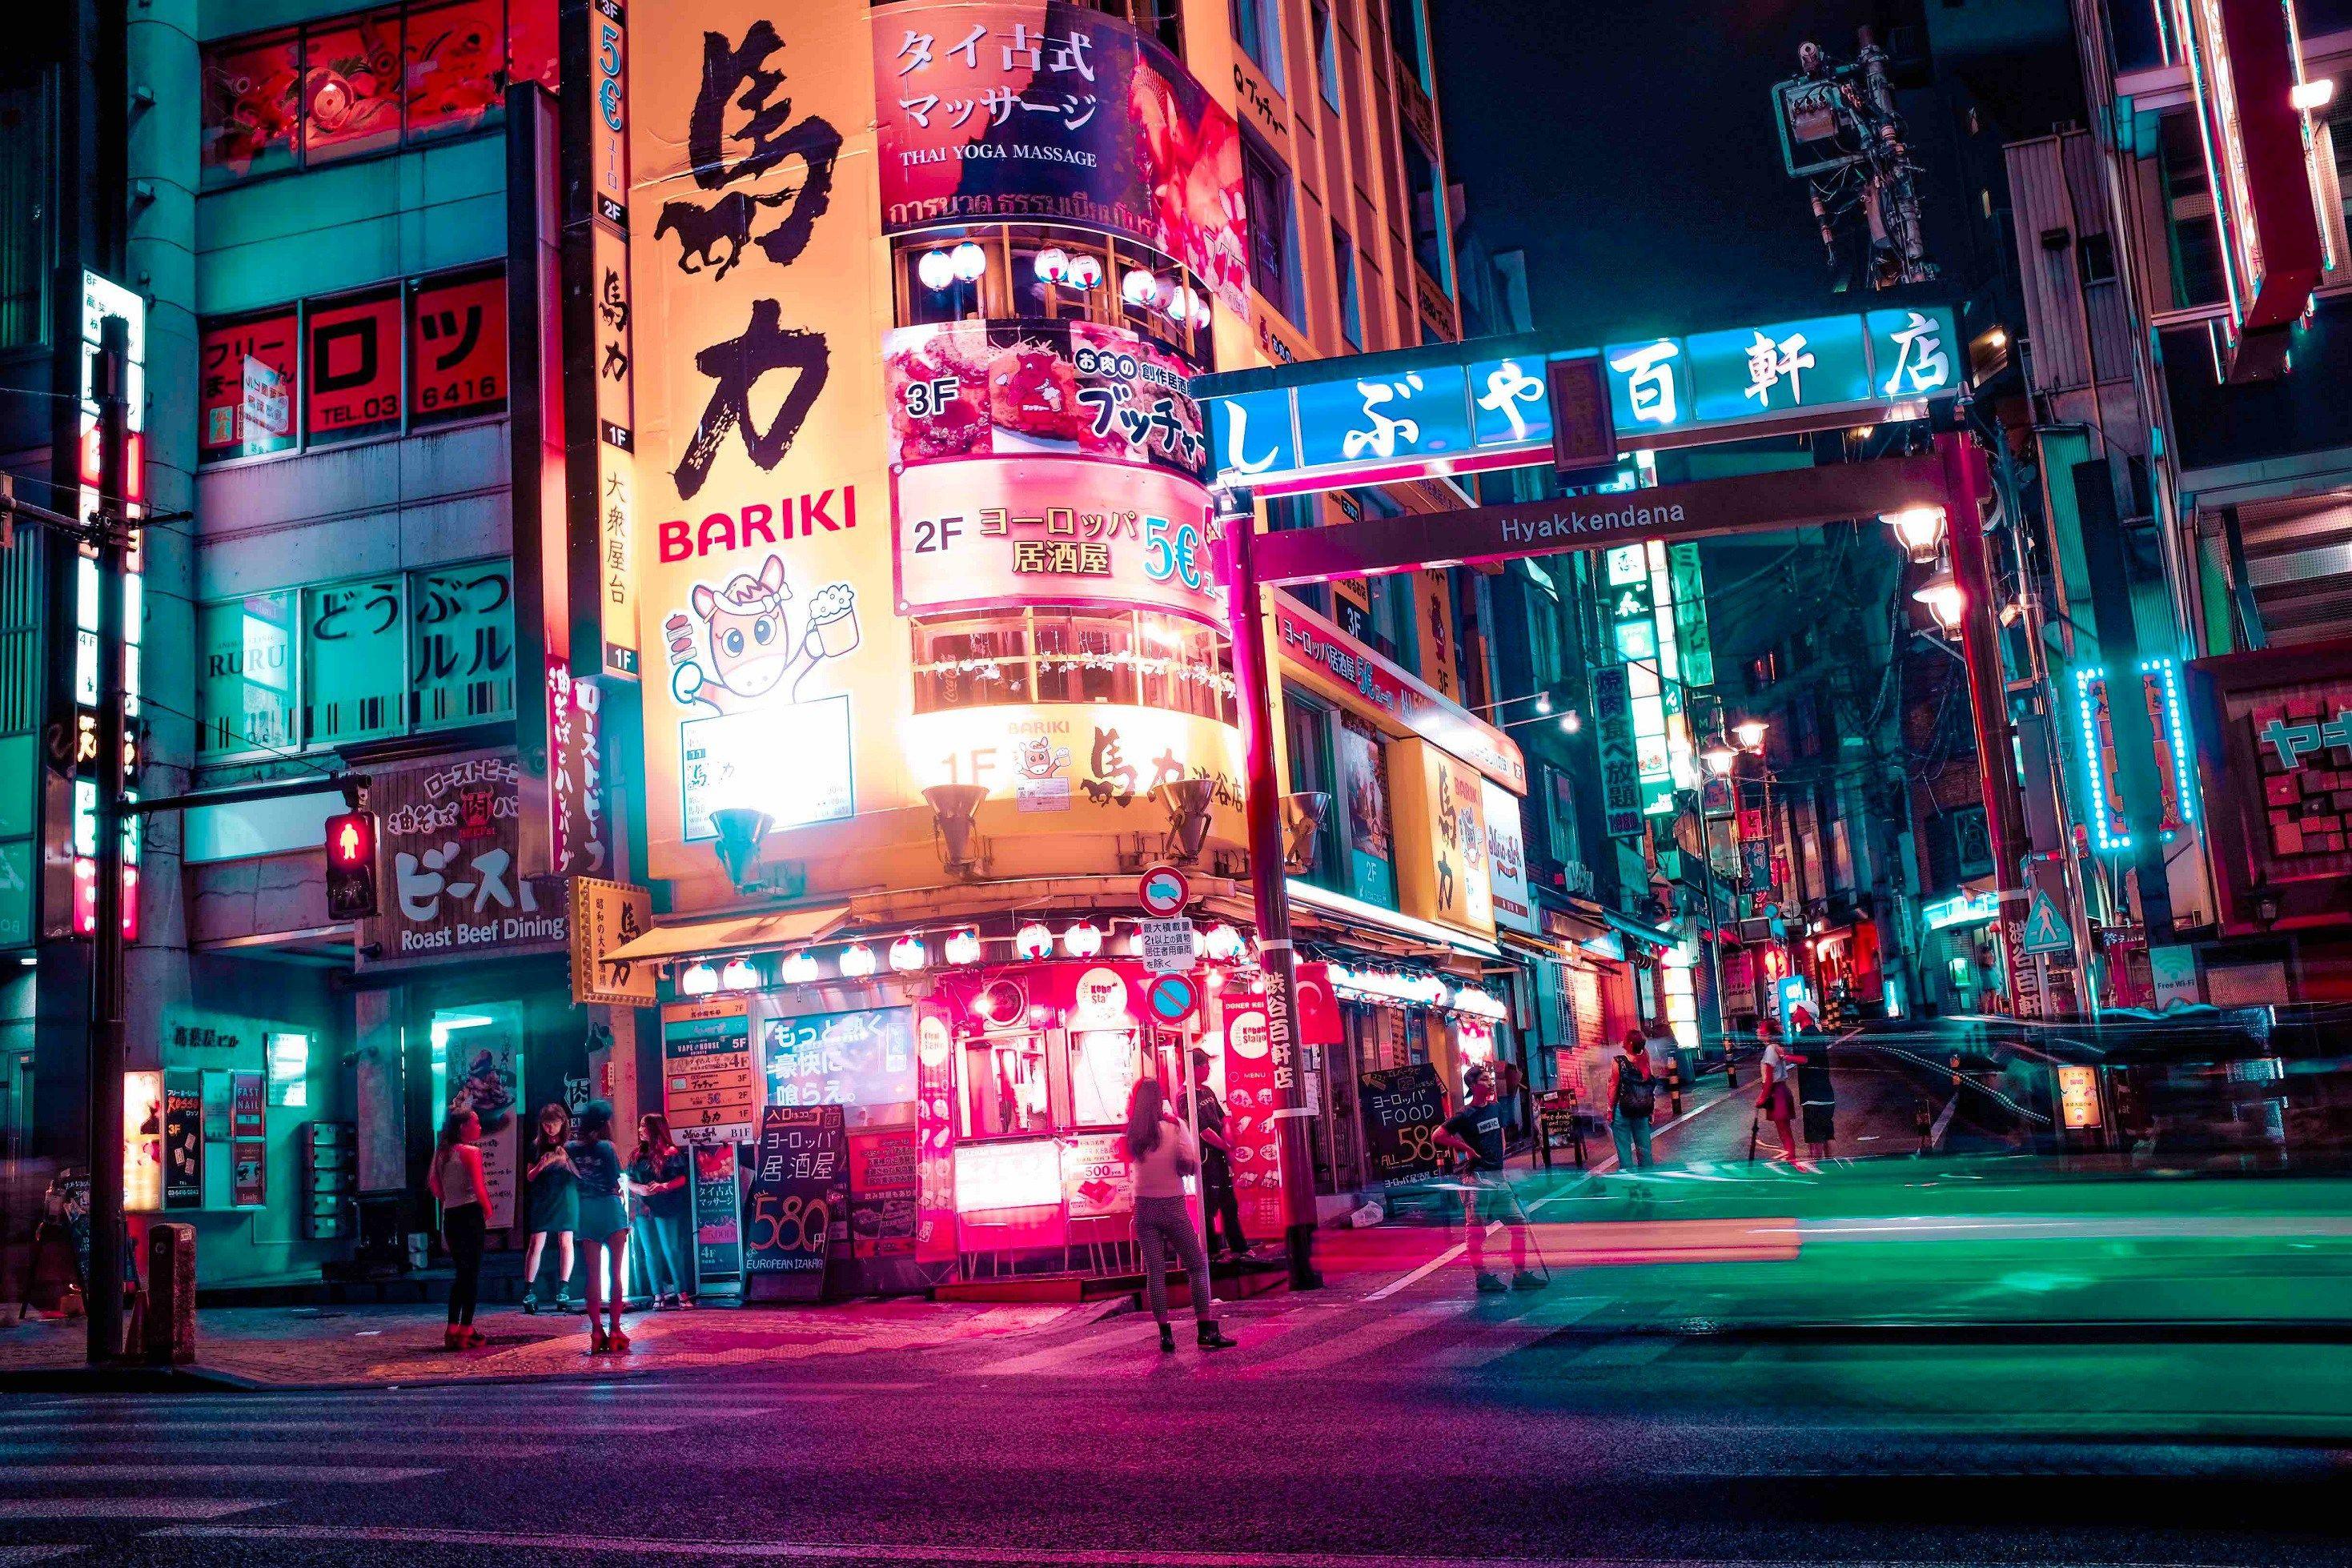 30 Tips Singkat Yang Perlu Diperhatikan Ketika Berlibur Ke Jepang Berita Travel Jepang Sebagai Negara Yang Memiliki Pesona Ting Alleyway Jepang Jepang Tokyo